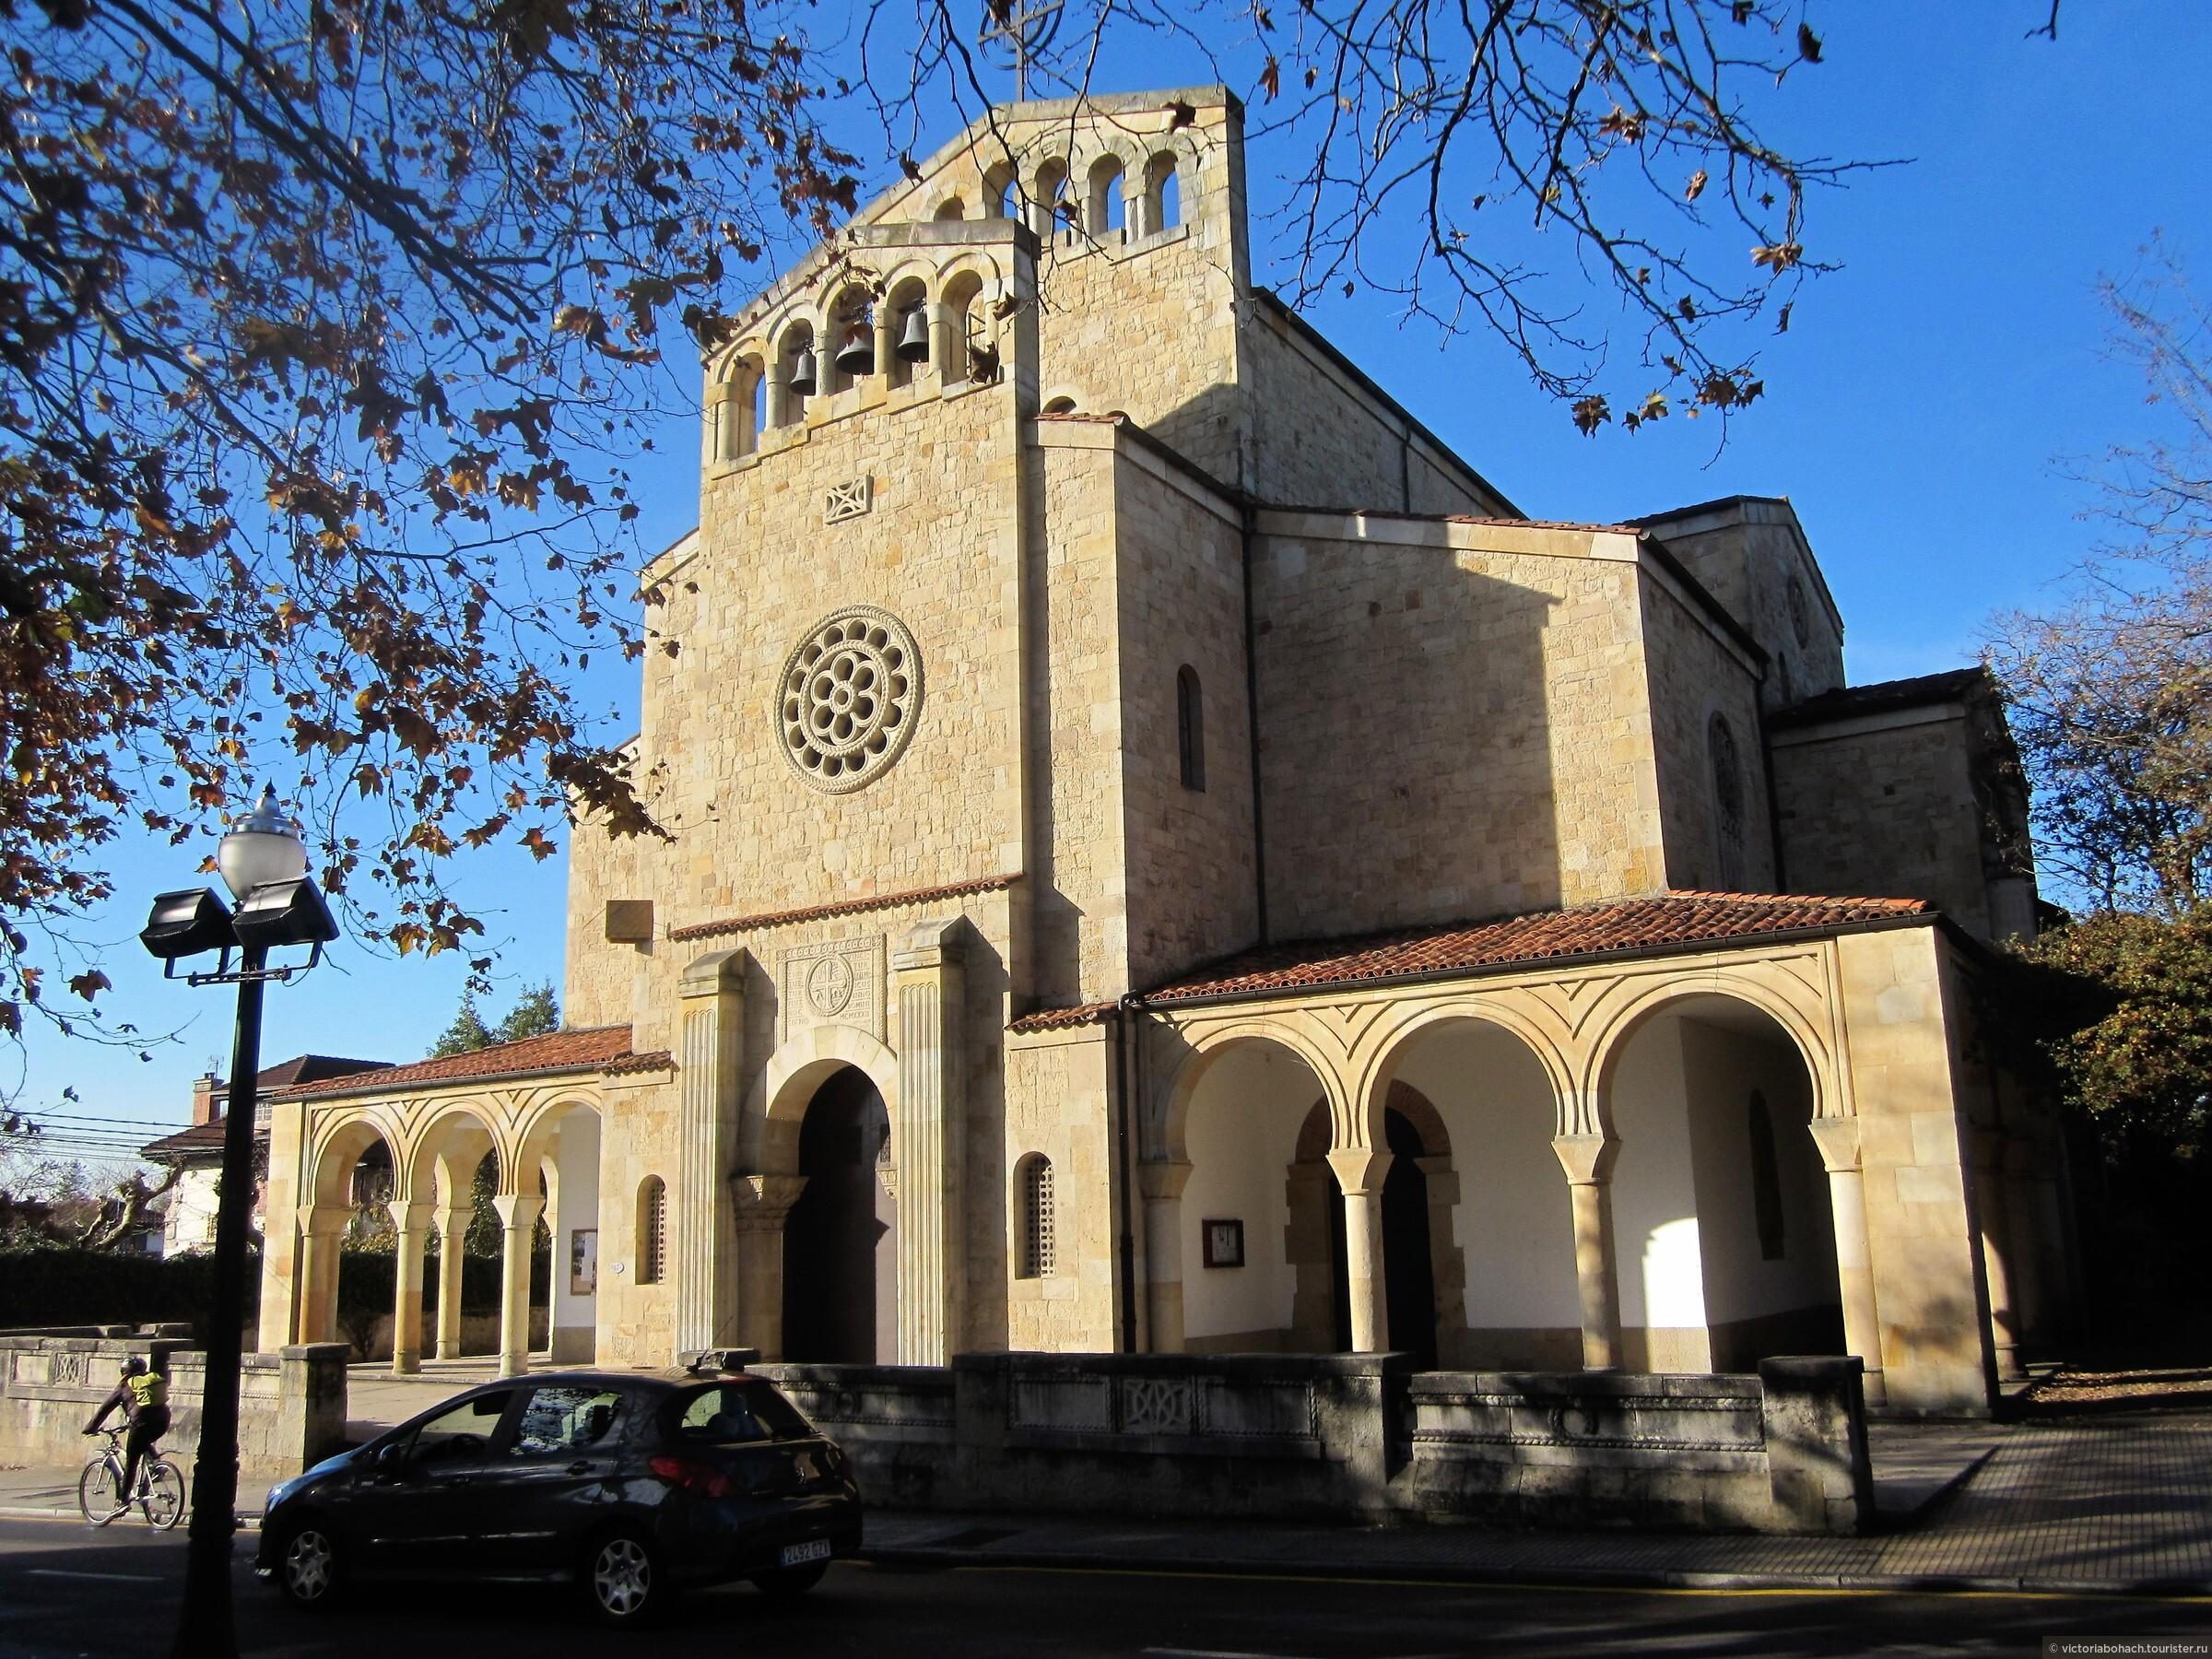 в Сомье есть несколько старинных церквей, эта датируется 13 веком, состояние идеально, реставрация и содержание на очень высоком уровне., Усадьба - музей Эваристо Вайе в Хихоне